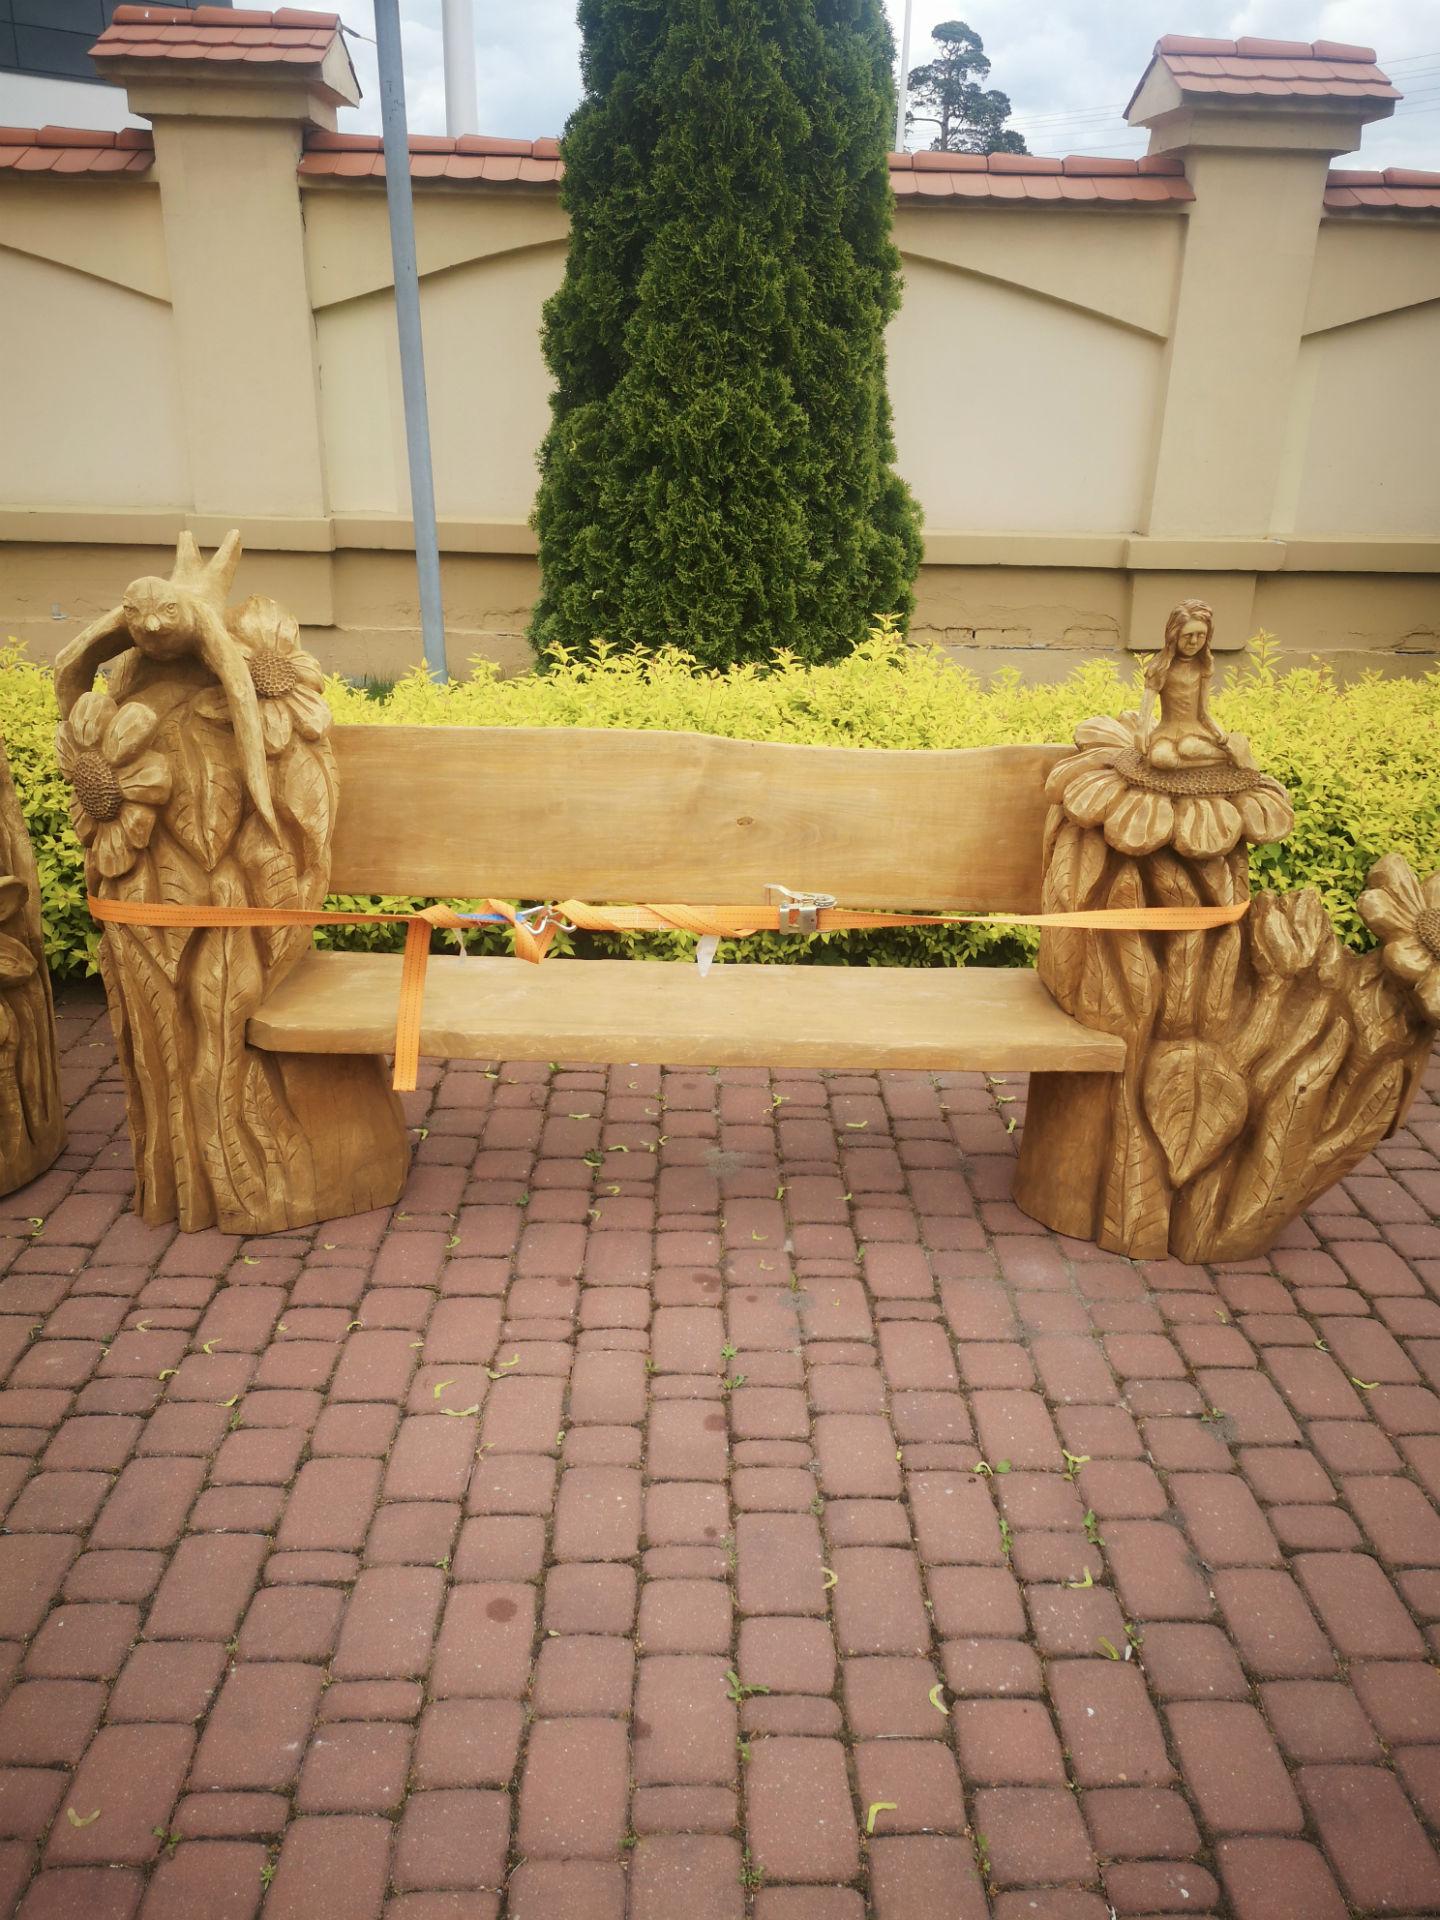 Zbliżenie na ławkę z poprzedniego zdjęcia, stojącą przed Muzeum 7 Pułku Ułanów Lubelskich. Z prawej i lewej strony posiada wkomponowane w jej konstrukcję przedstawienia kwiatów, ptaka oraz miniaturowej postaci ludzkiej.